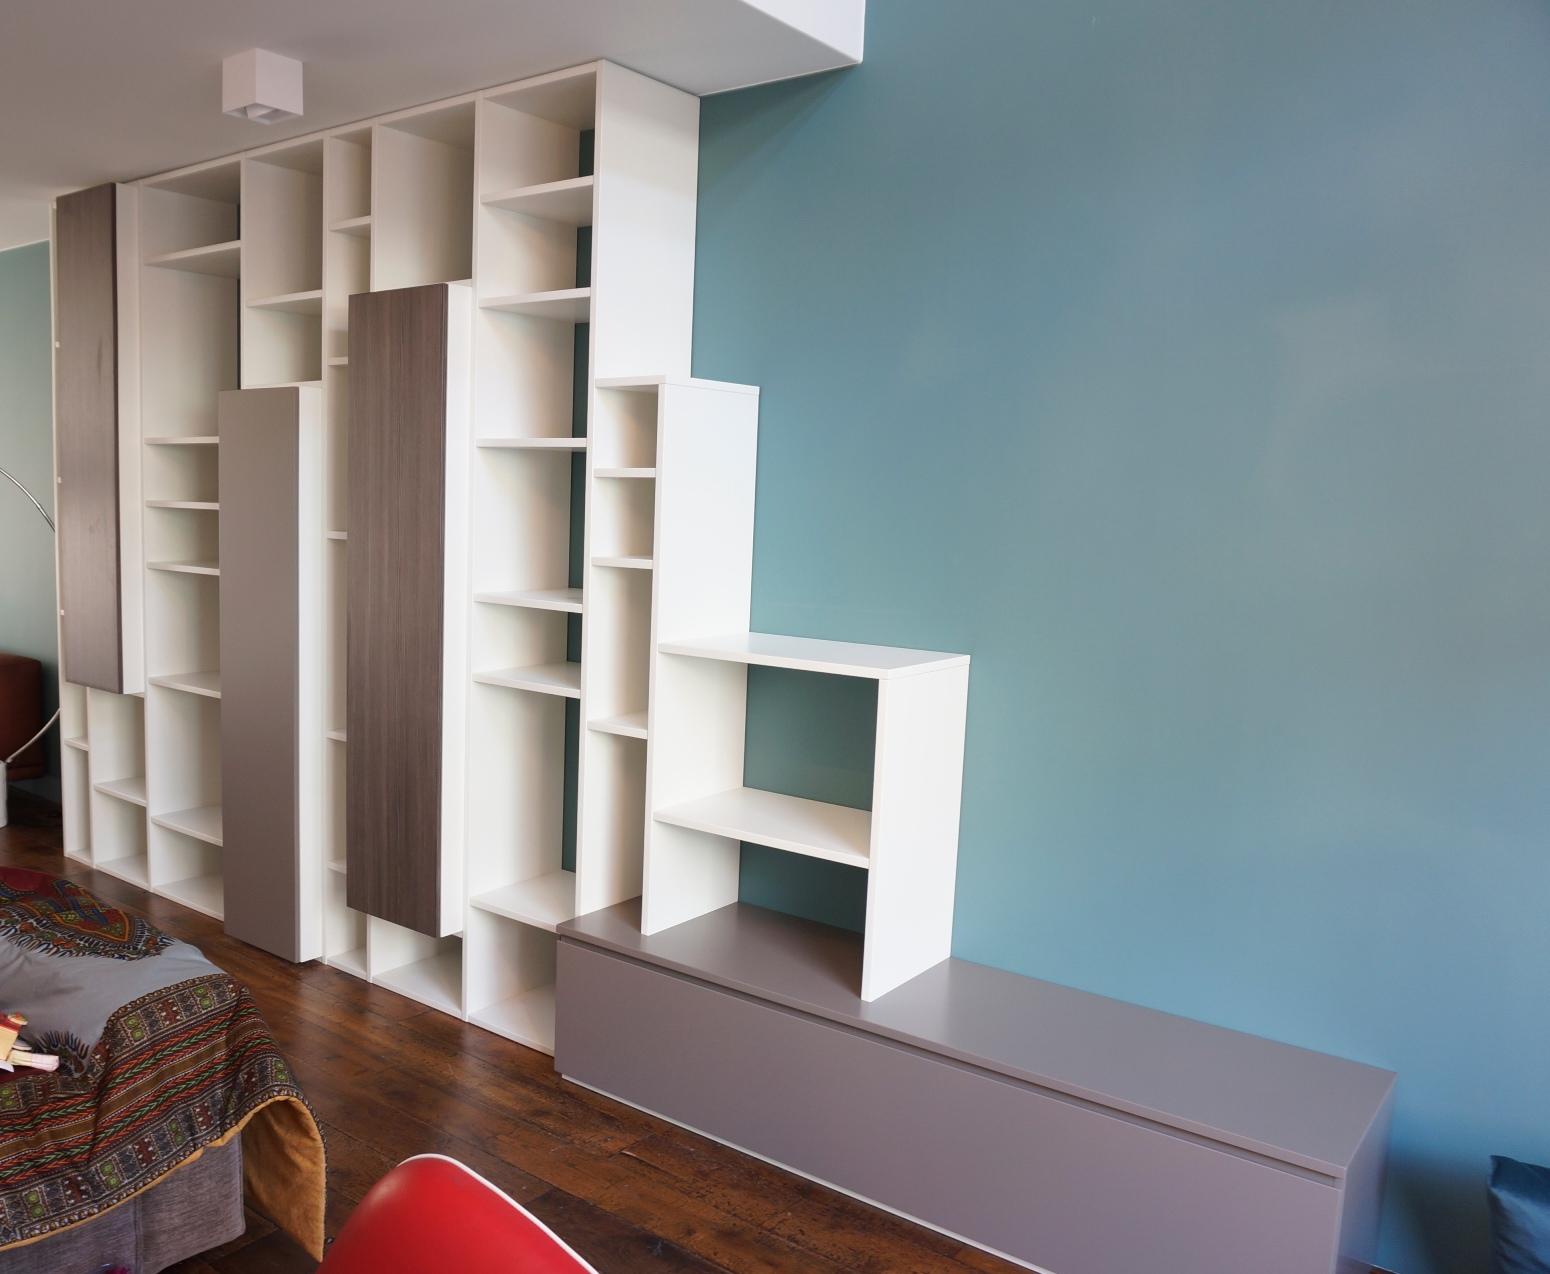 Wandmeubel/Boekenkast met een speelse indeling, en naar voren ...